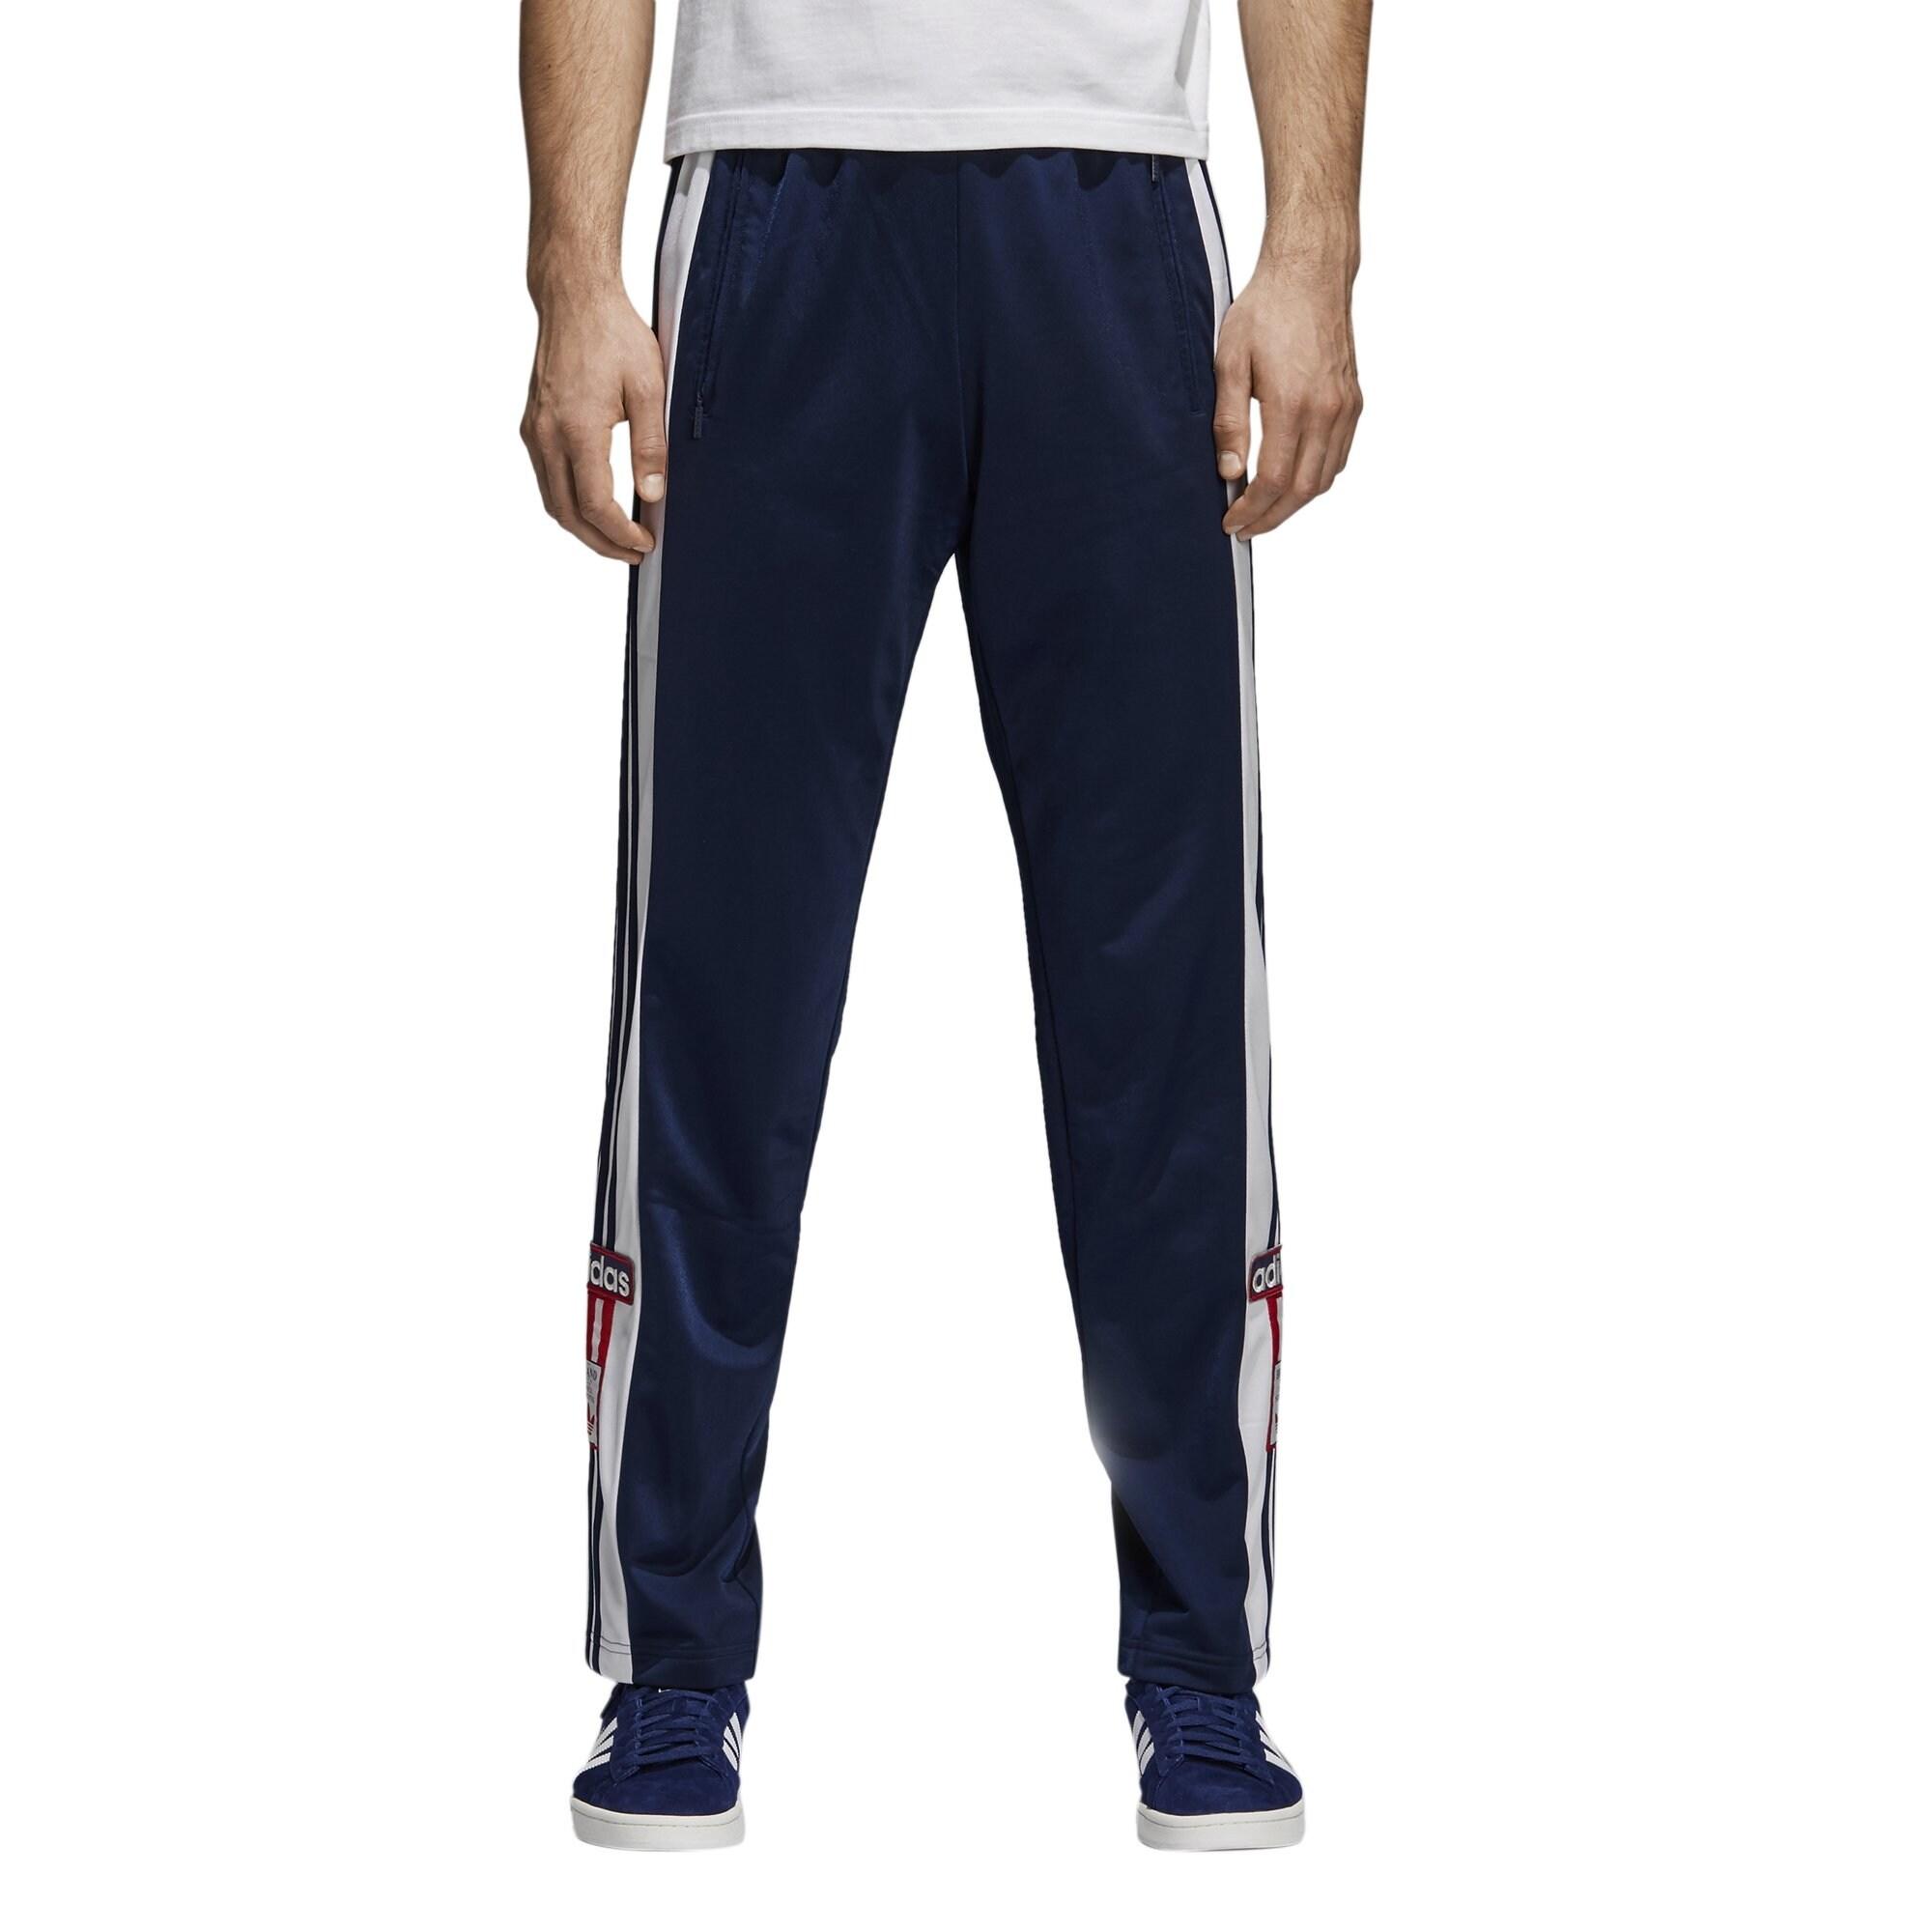 Adidas White Blue Mens Size XL Jogging Stretch Side Stripe Pants